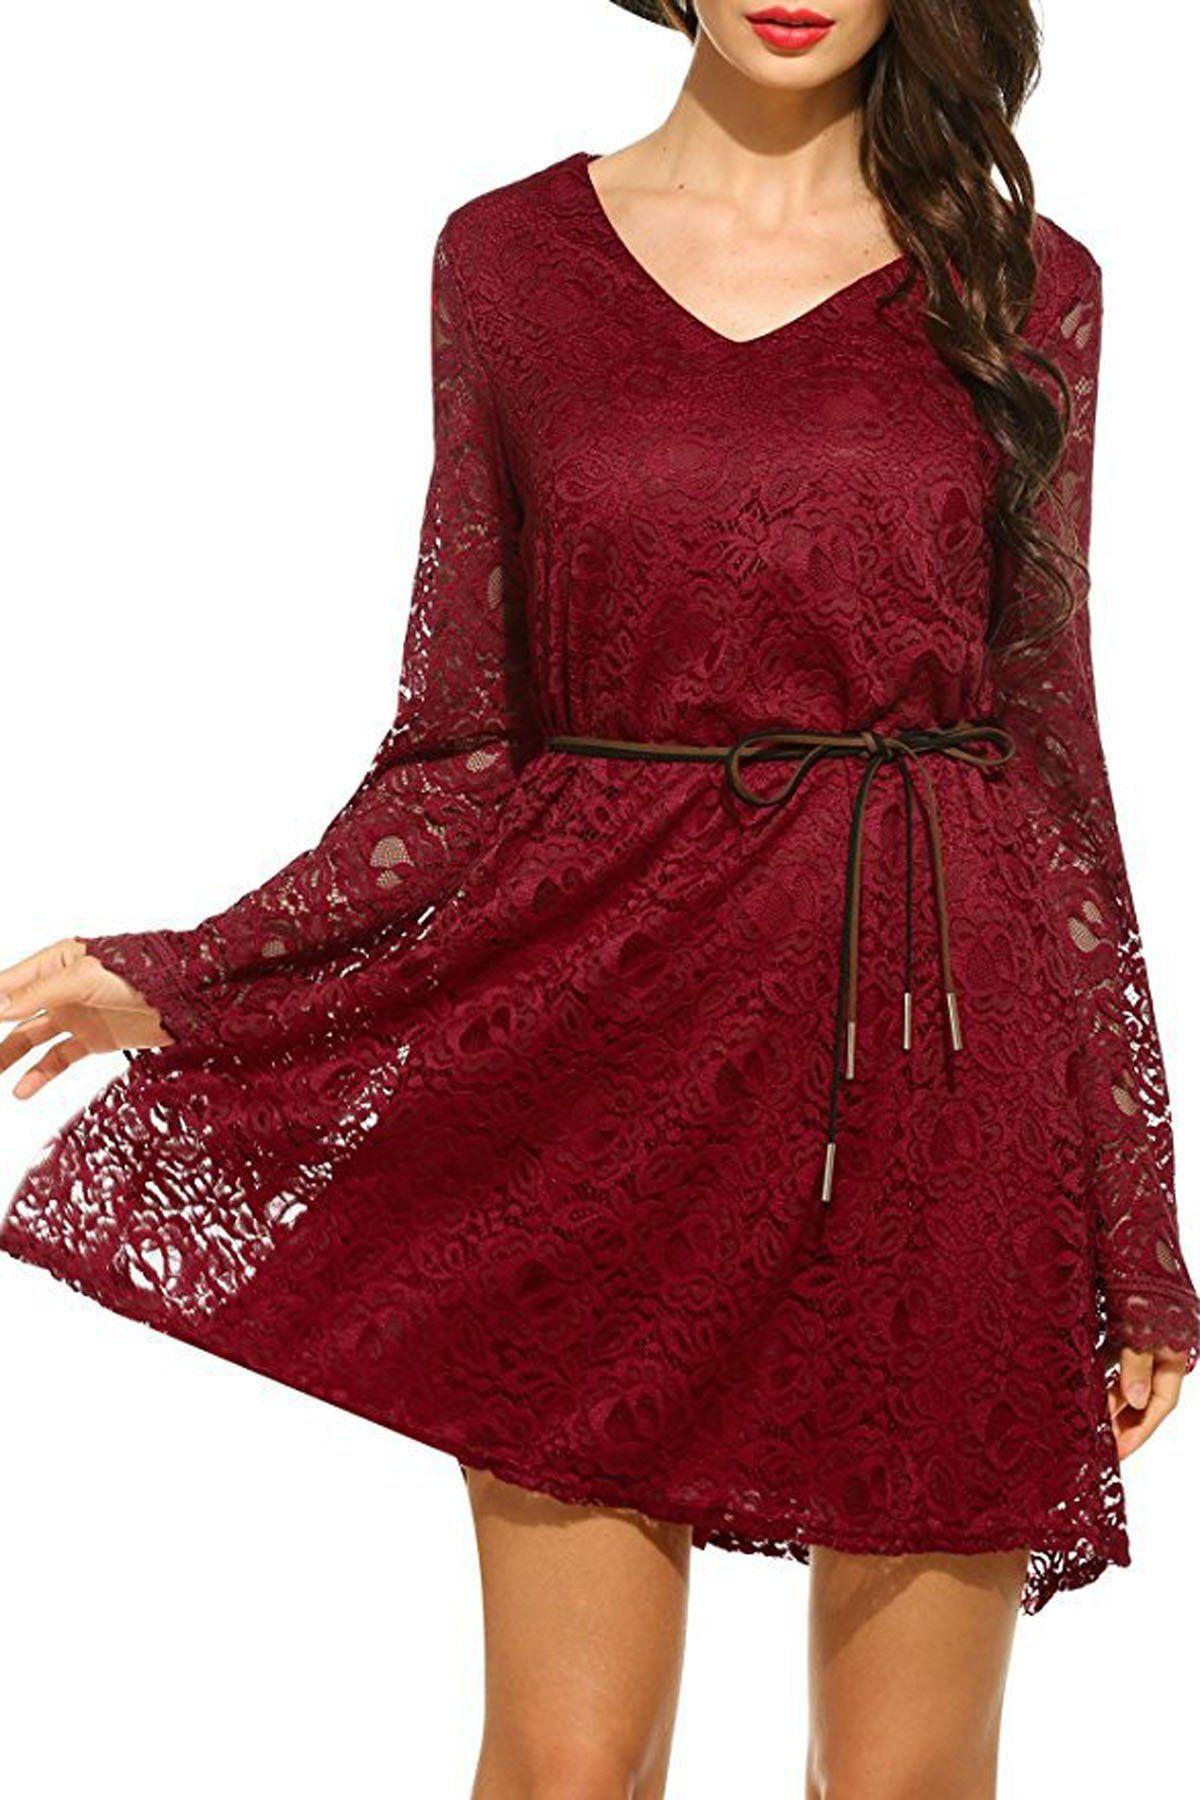 d8436e4590b78 Pure Color Plus Size Long Sleeves Lace Short Dress